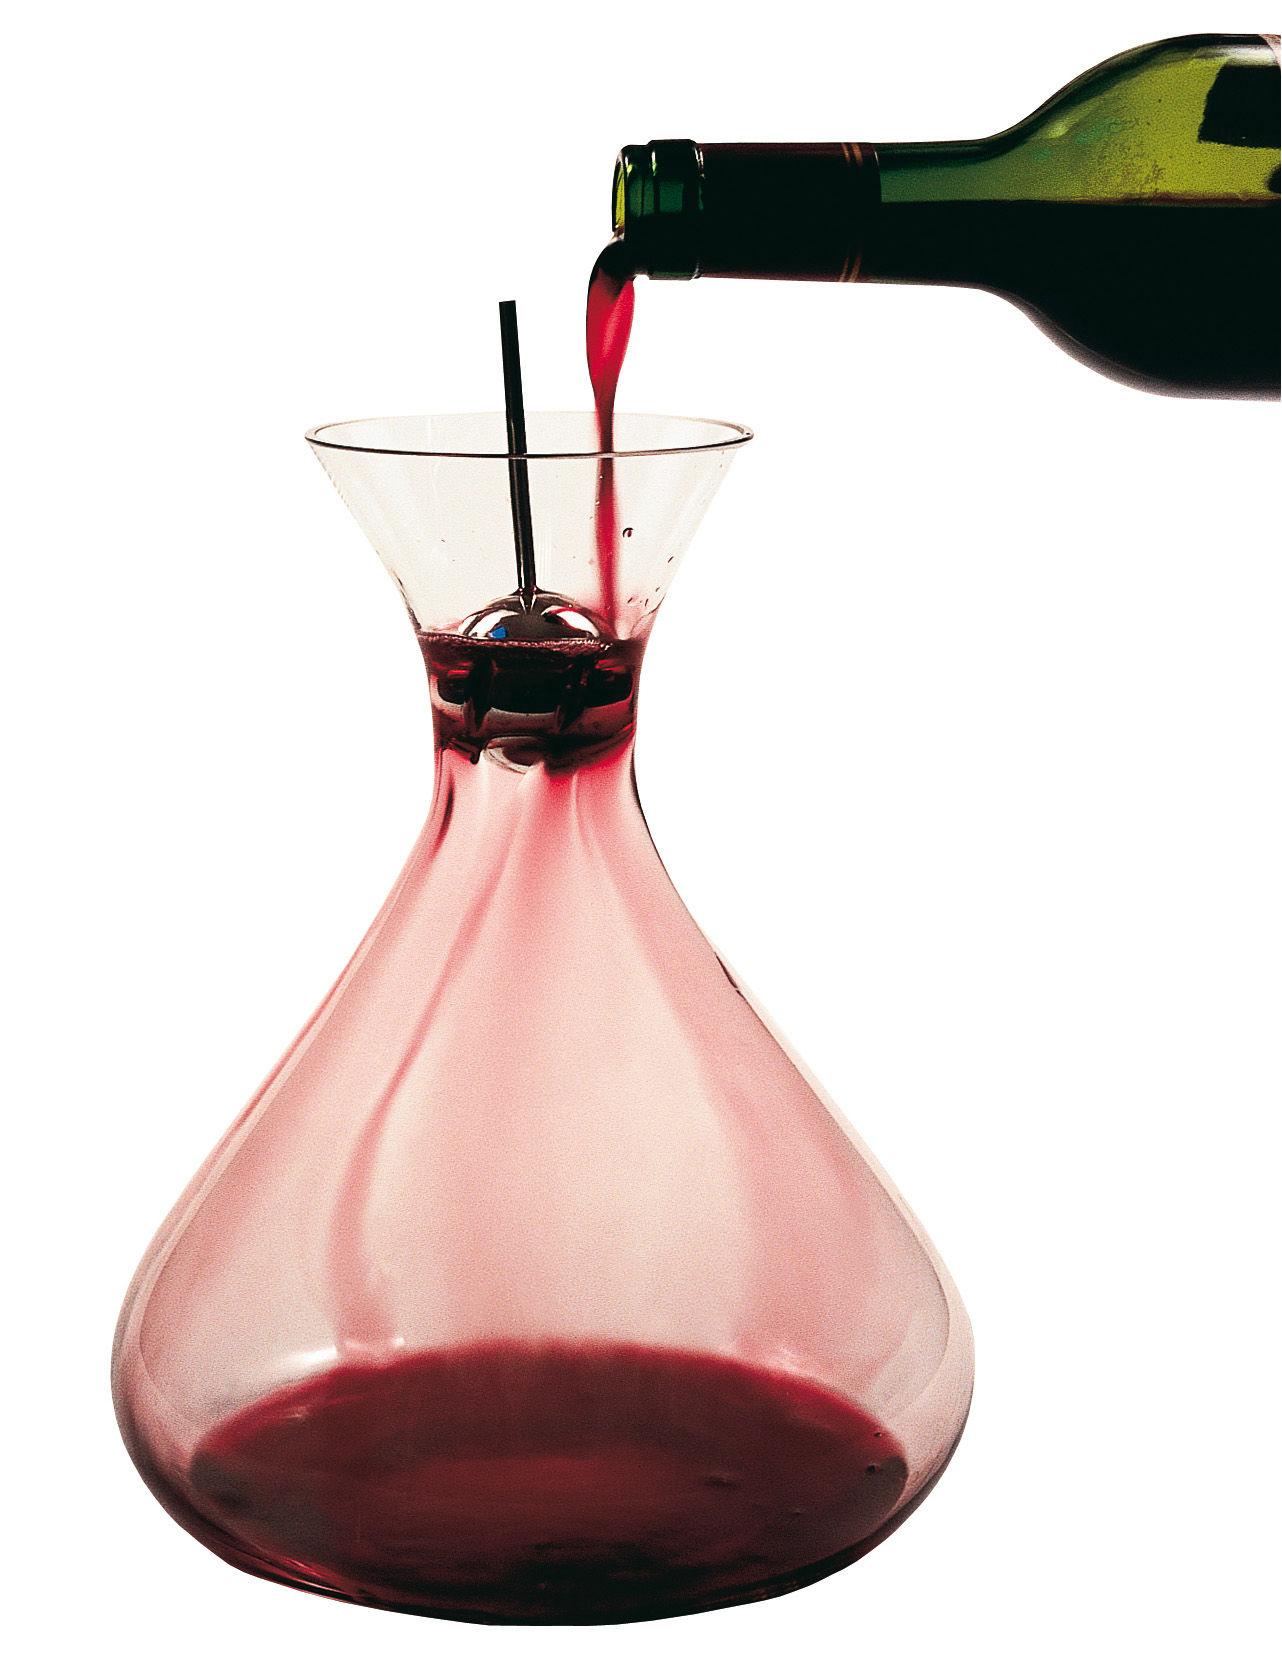 Arts de la table - Carafes et décanteurs - Décanteur Developer 1 - L'Atelier du Vin - Transparent / Acier - Acier inoxydable, Cristal soufflé bouche